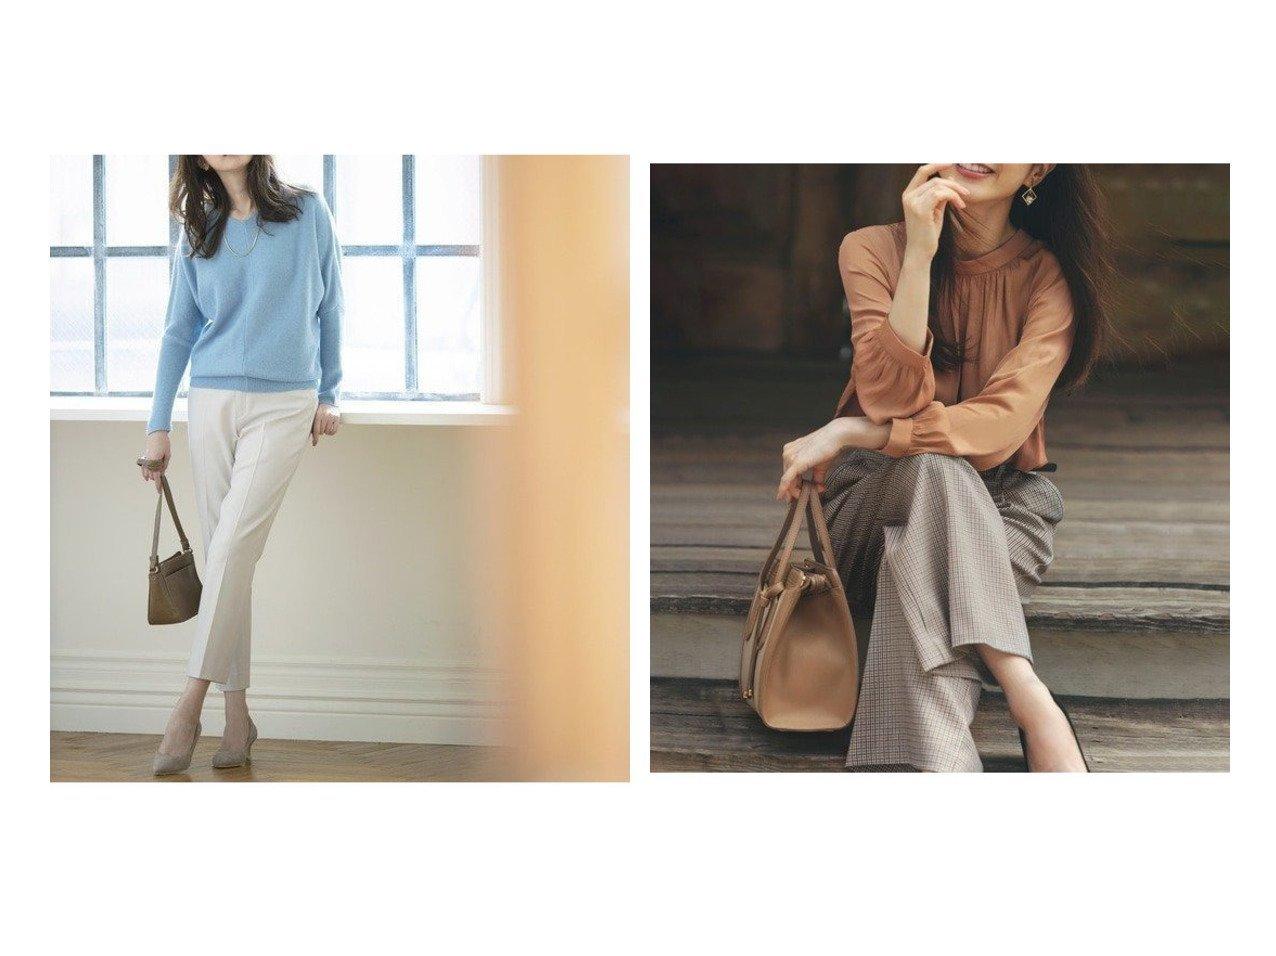 【any SiS/エニィ スィス】の【保温性&蓄熱性】サーモトロン 2WAYストレッチ テーパードパンツ&2WAYレディ ワイドパンツ パンツのおすすめ!人気、レディースファッションの通販 おすすめで人気のファッション通販商品 インテリア・家具・キッズファッション・メンズファッション・レディースファッション・服の通販 founy(ファニー) https://founy.com/ ファッション Fashion レディース WOMEN パンツ Pants アクリル ストレッチ 定番 ボトム ポケット ワイド 冬 Winter シンプル チェック 人気 フェミニン ベーシック 秋冬 A/W Autumn/ Winter |ID:crp329100000000972